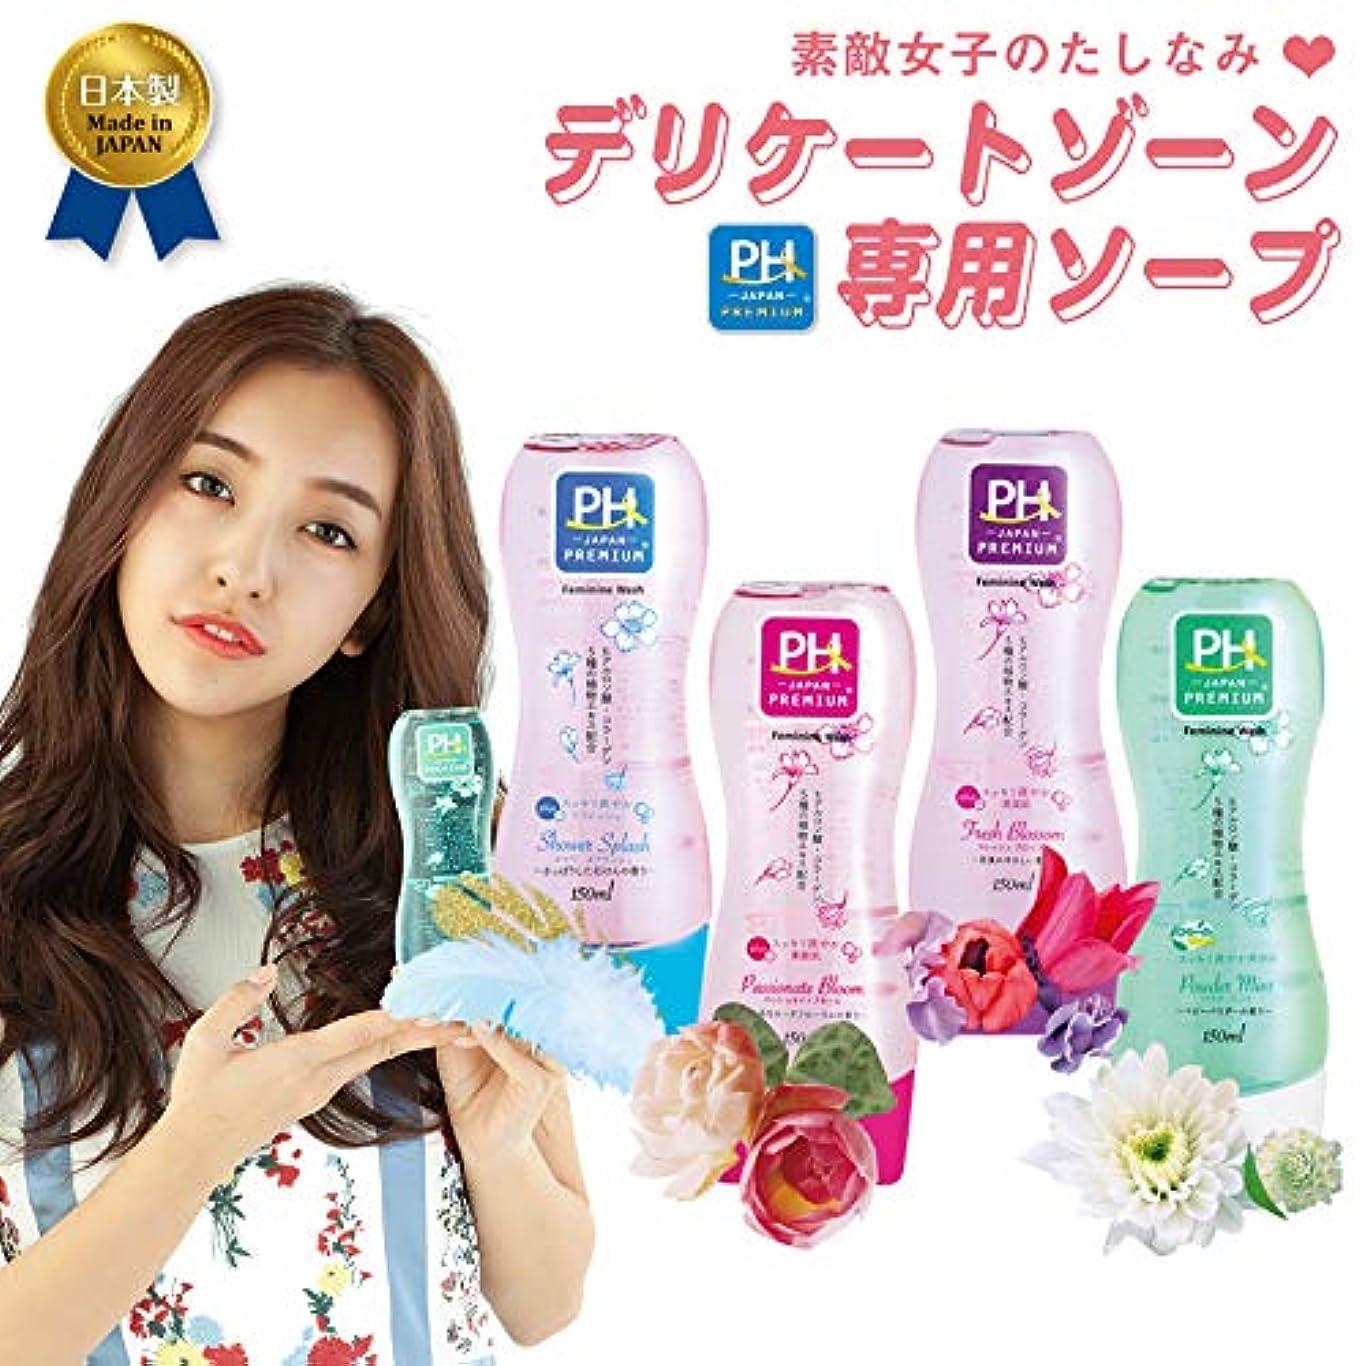 仲間ロードブロッキングトリムフレッシュブロッソム4本セット PH JAPAN フェミニンウォッシュ 花束のやさしい香り